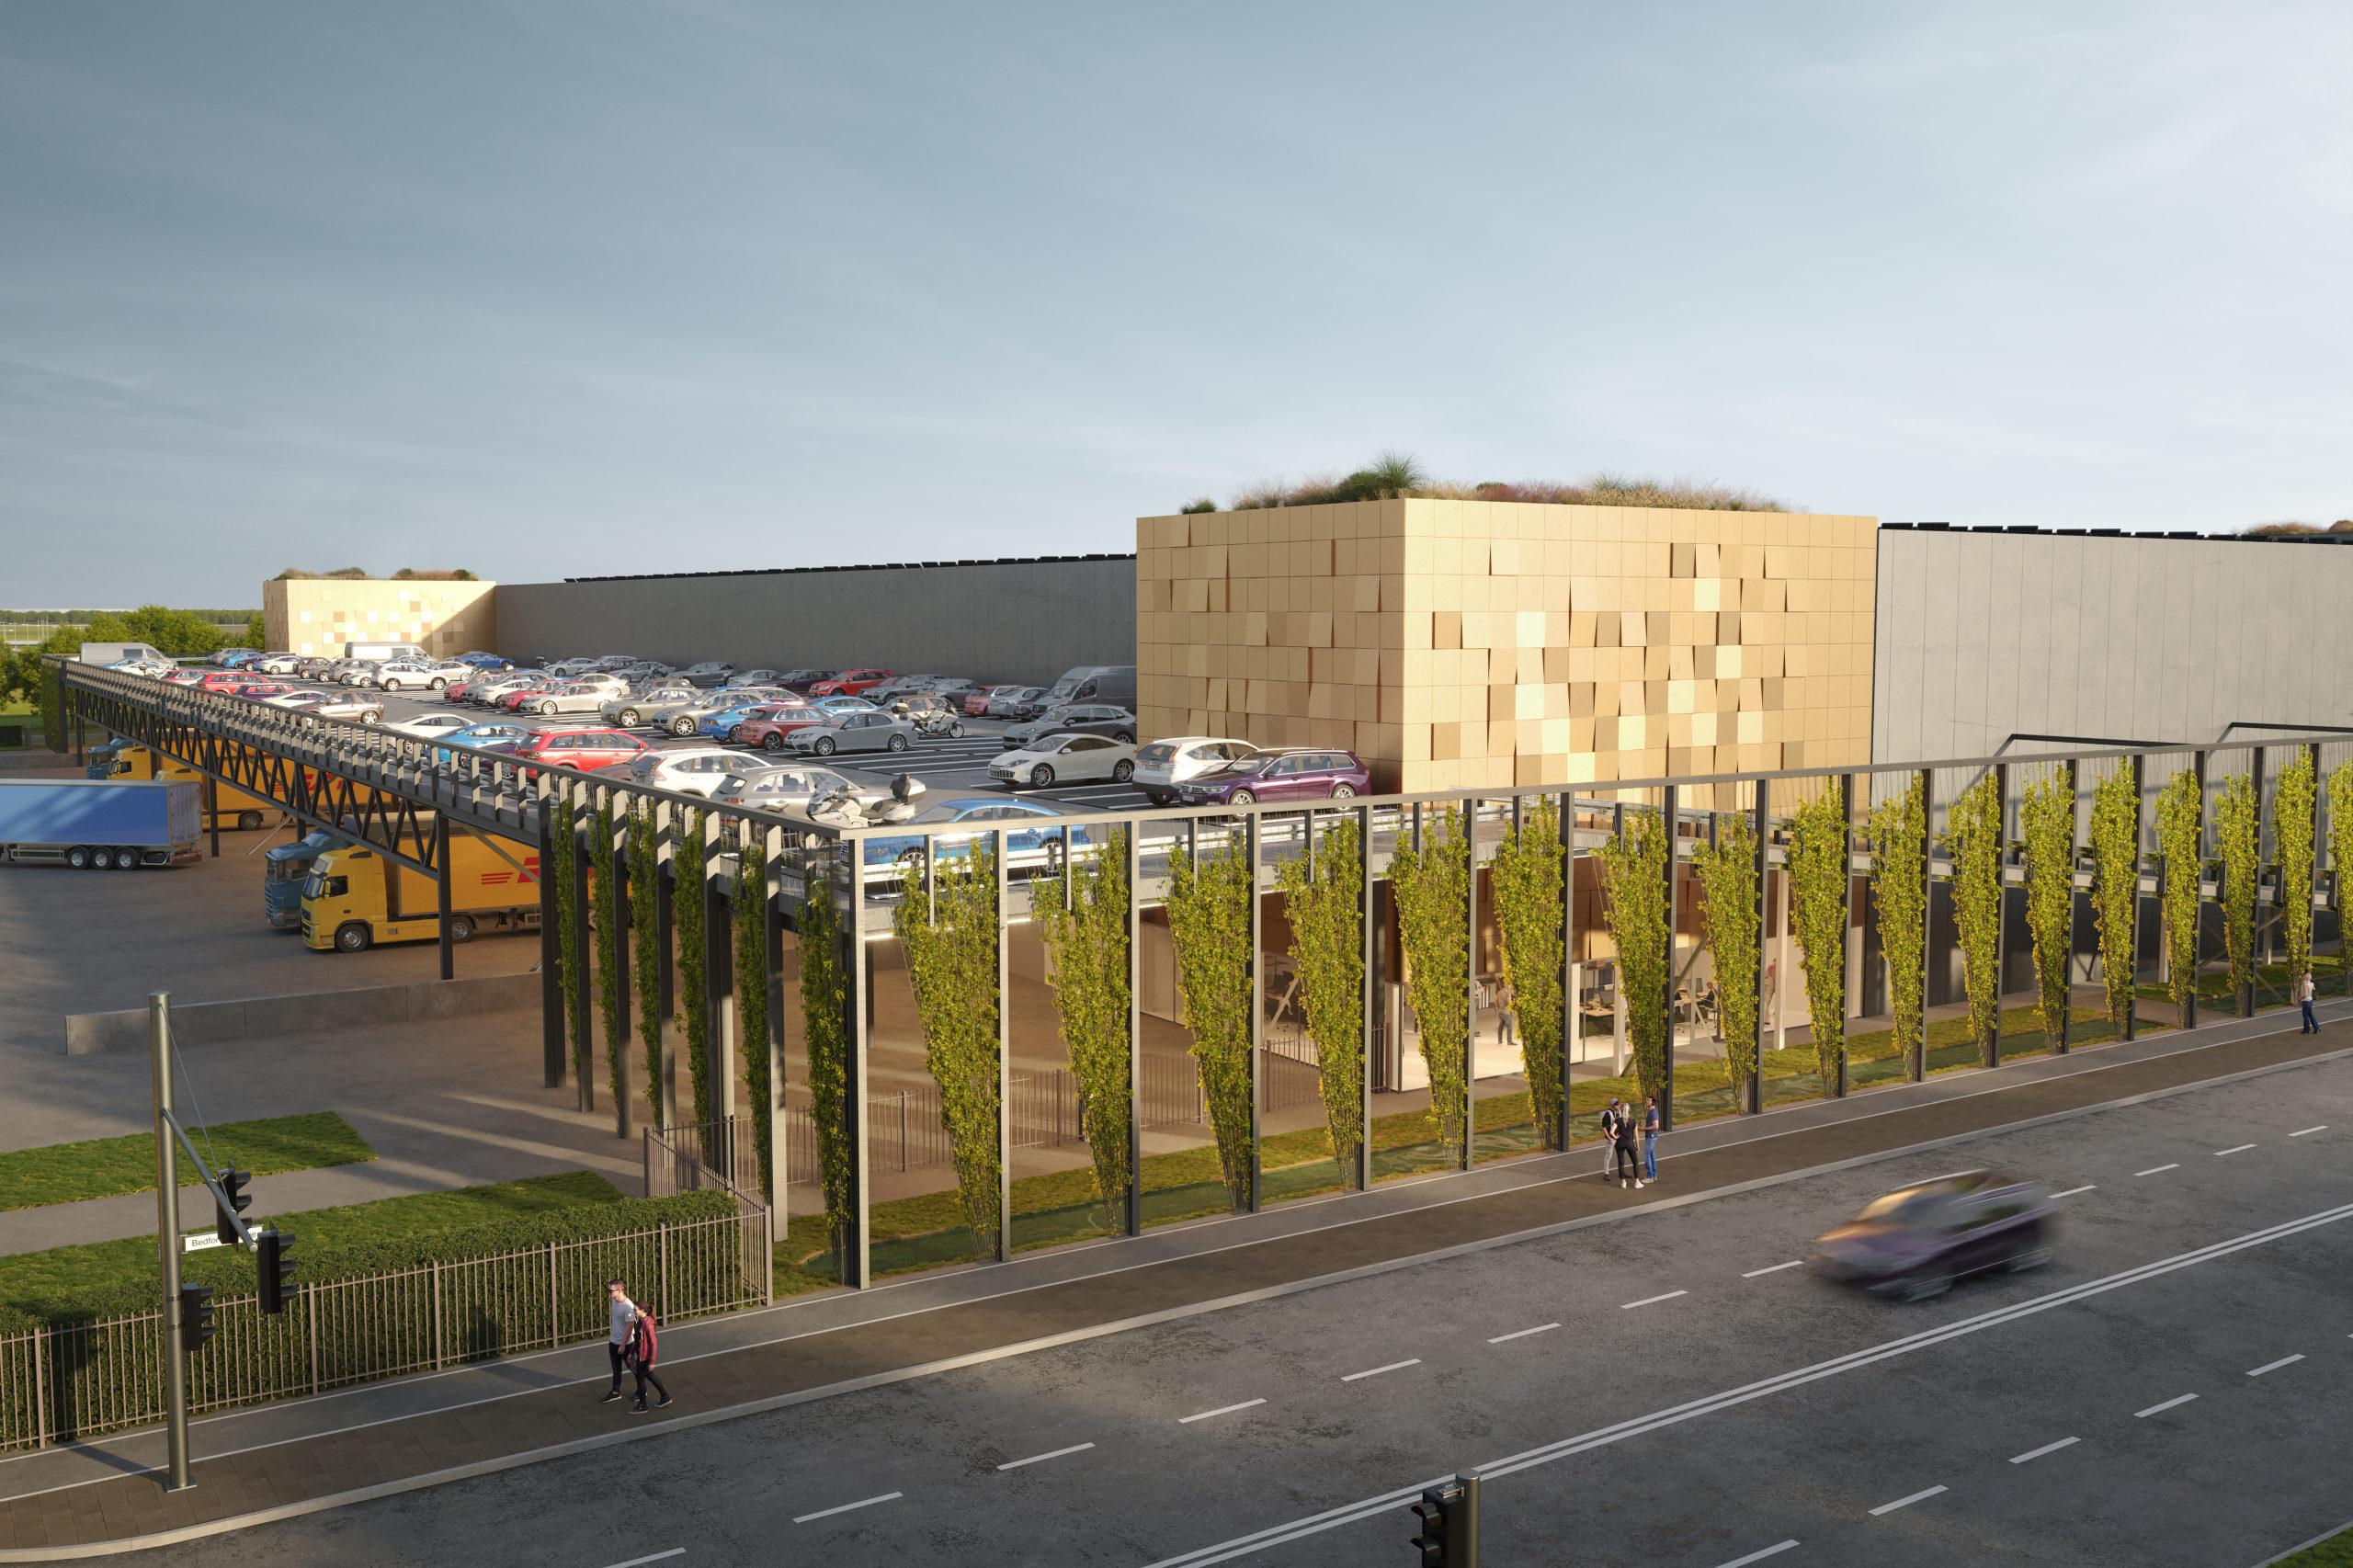 VDG Warehouse Schiphol I als eerste logistieke ontwikkeling genomineerd voor Award Natuurinclusief Bouwen & Ontwerpen 2021